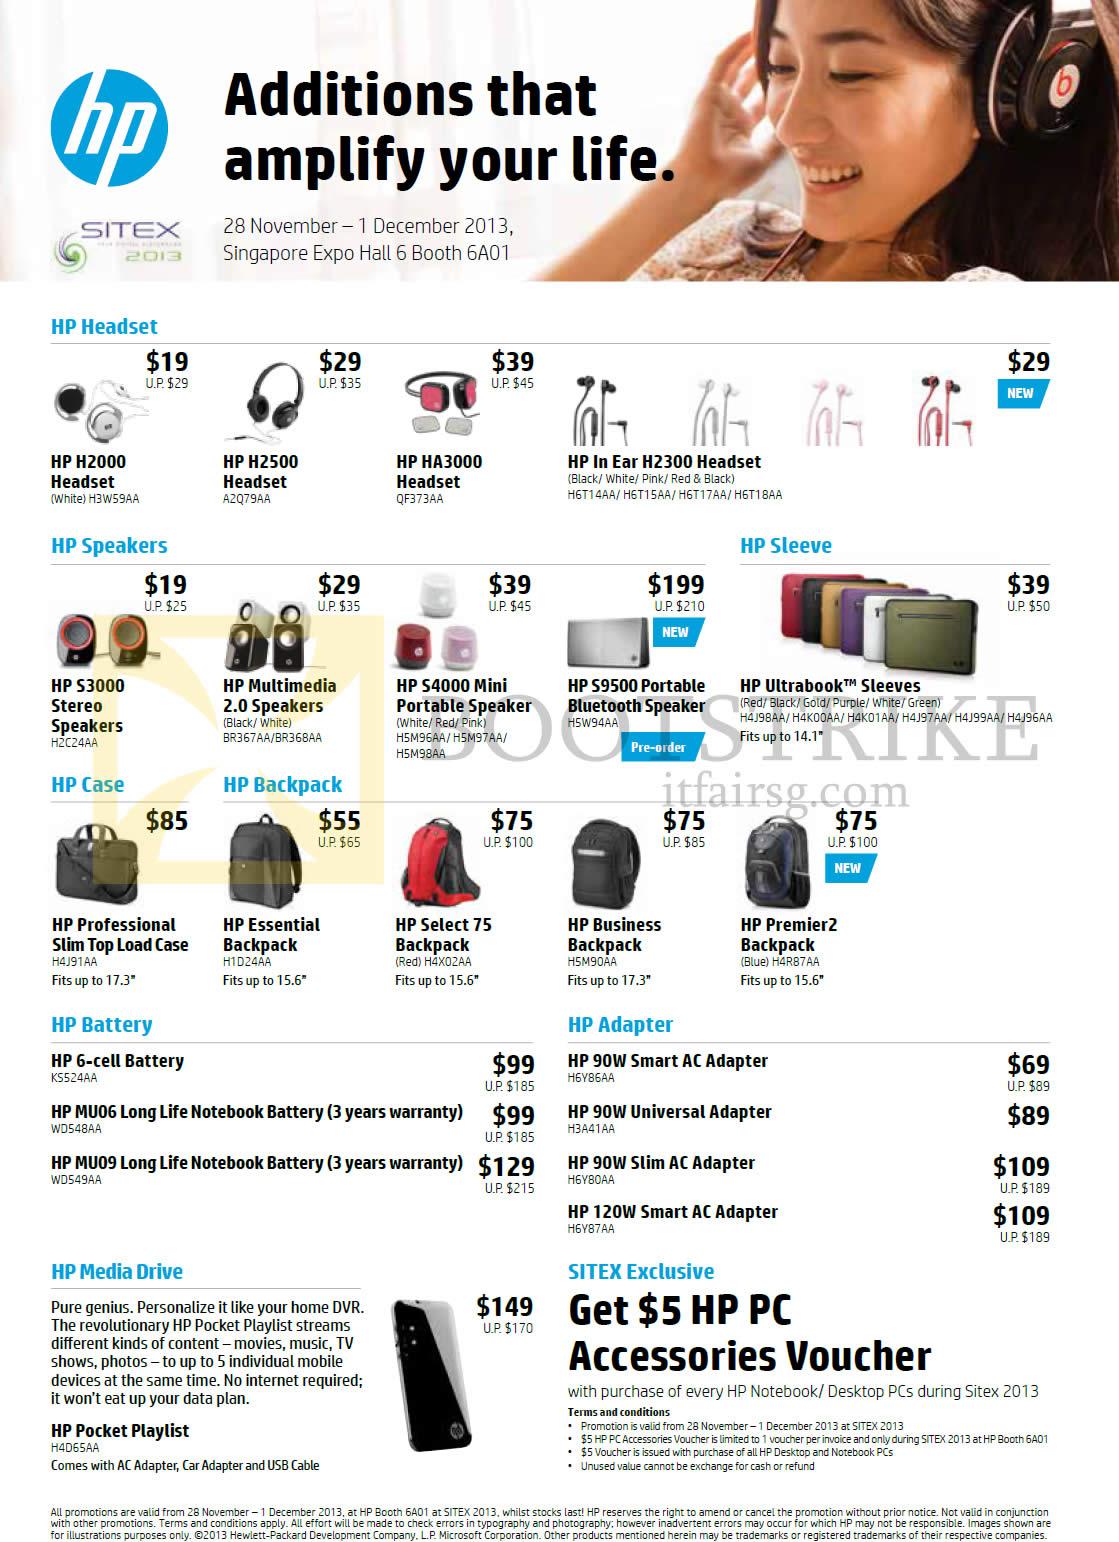 SITEX 2013 price list image brochure of HP Accessories Headphones, Speakers, Case, Backpacks, Batteries, Adapters, H2000, H2500, H2300, S3000, S4000, S9500